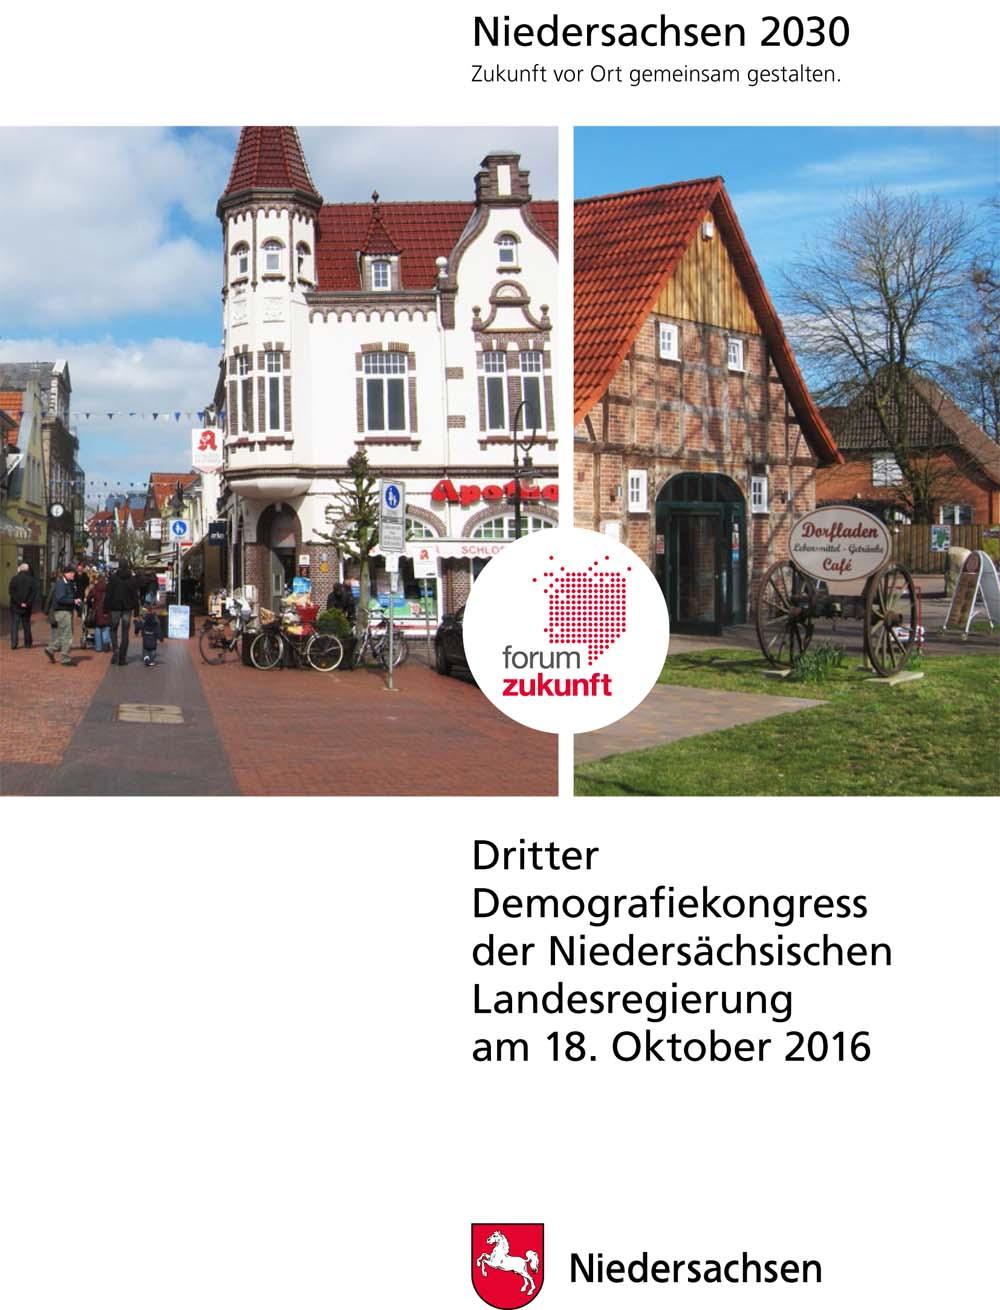 programmheft_dritter_demografiekongress-1a